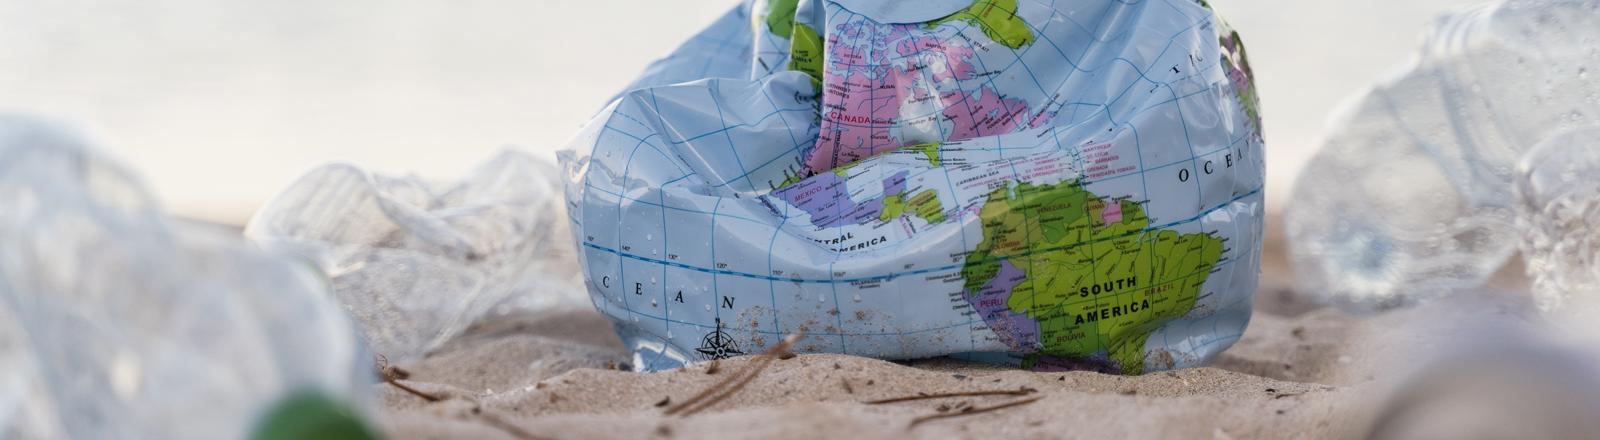 Weltkugel-Ball am Strand umringt von Plastikflaschen